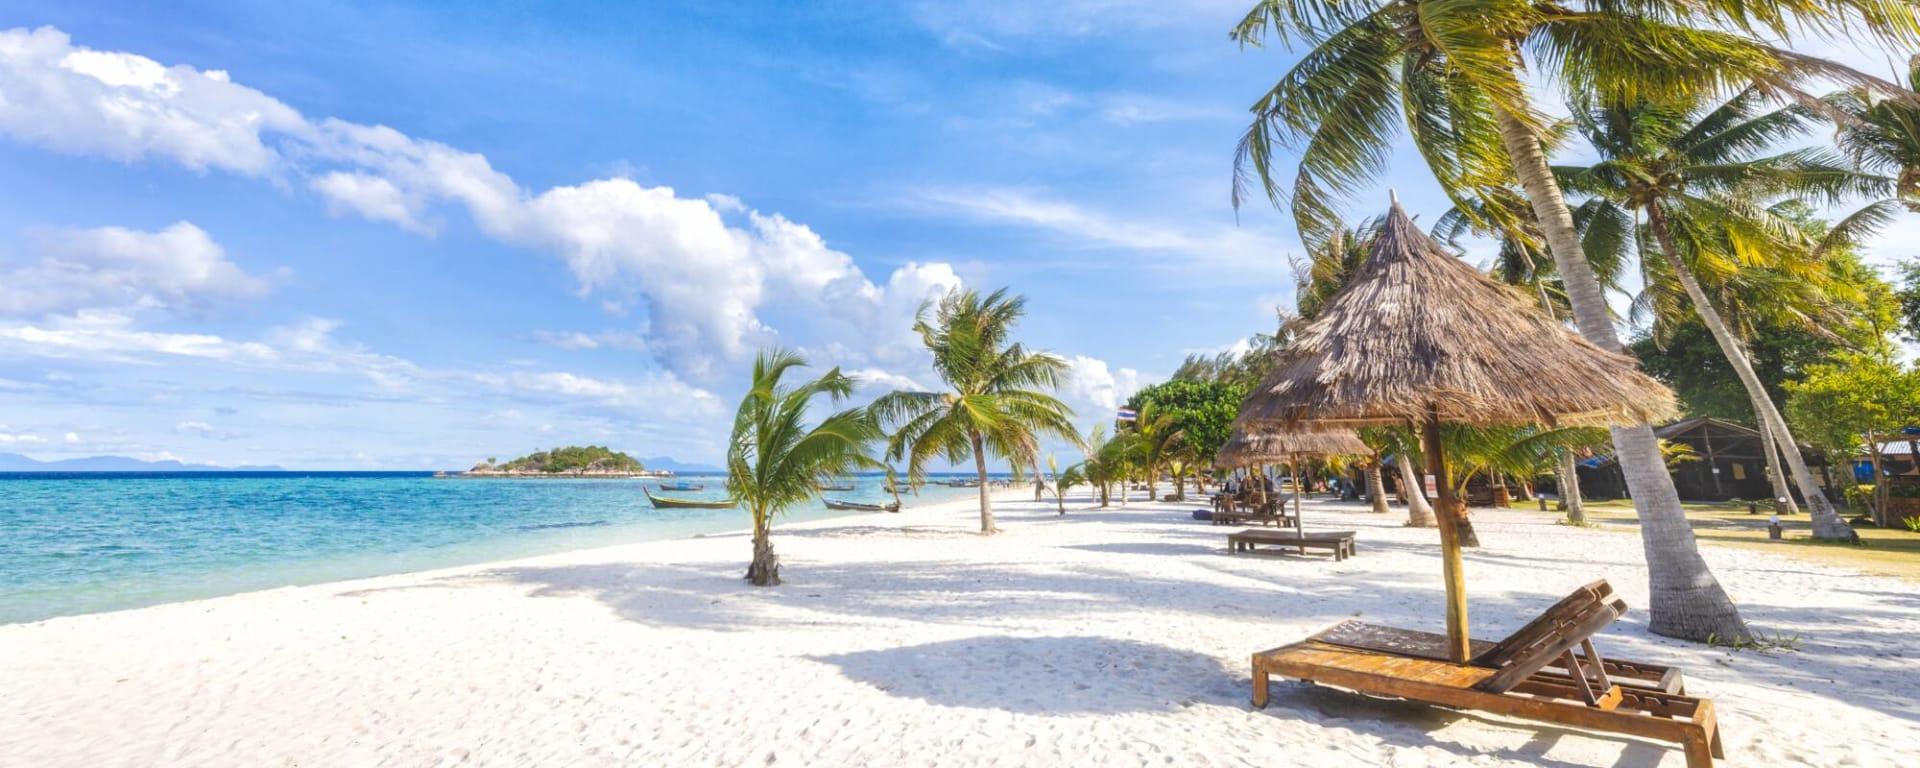 Thailand entdecken mit Tischler Reisen: Thailand Ko Lipe Strand